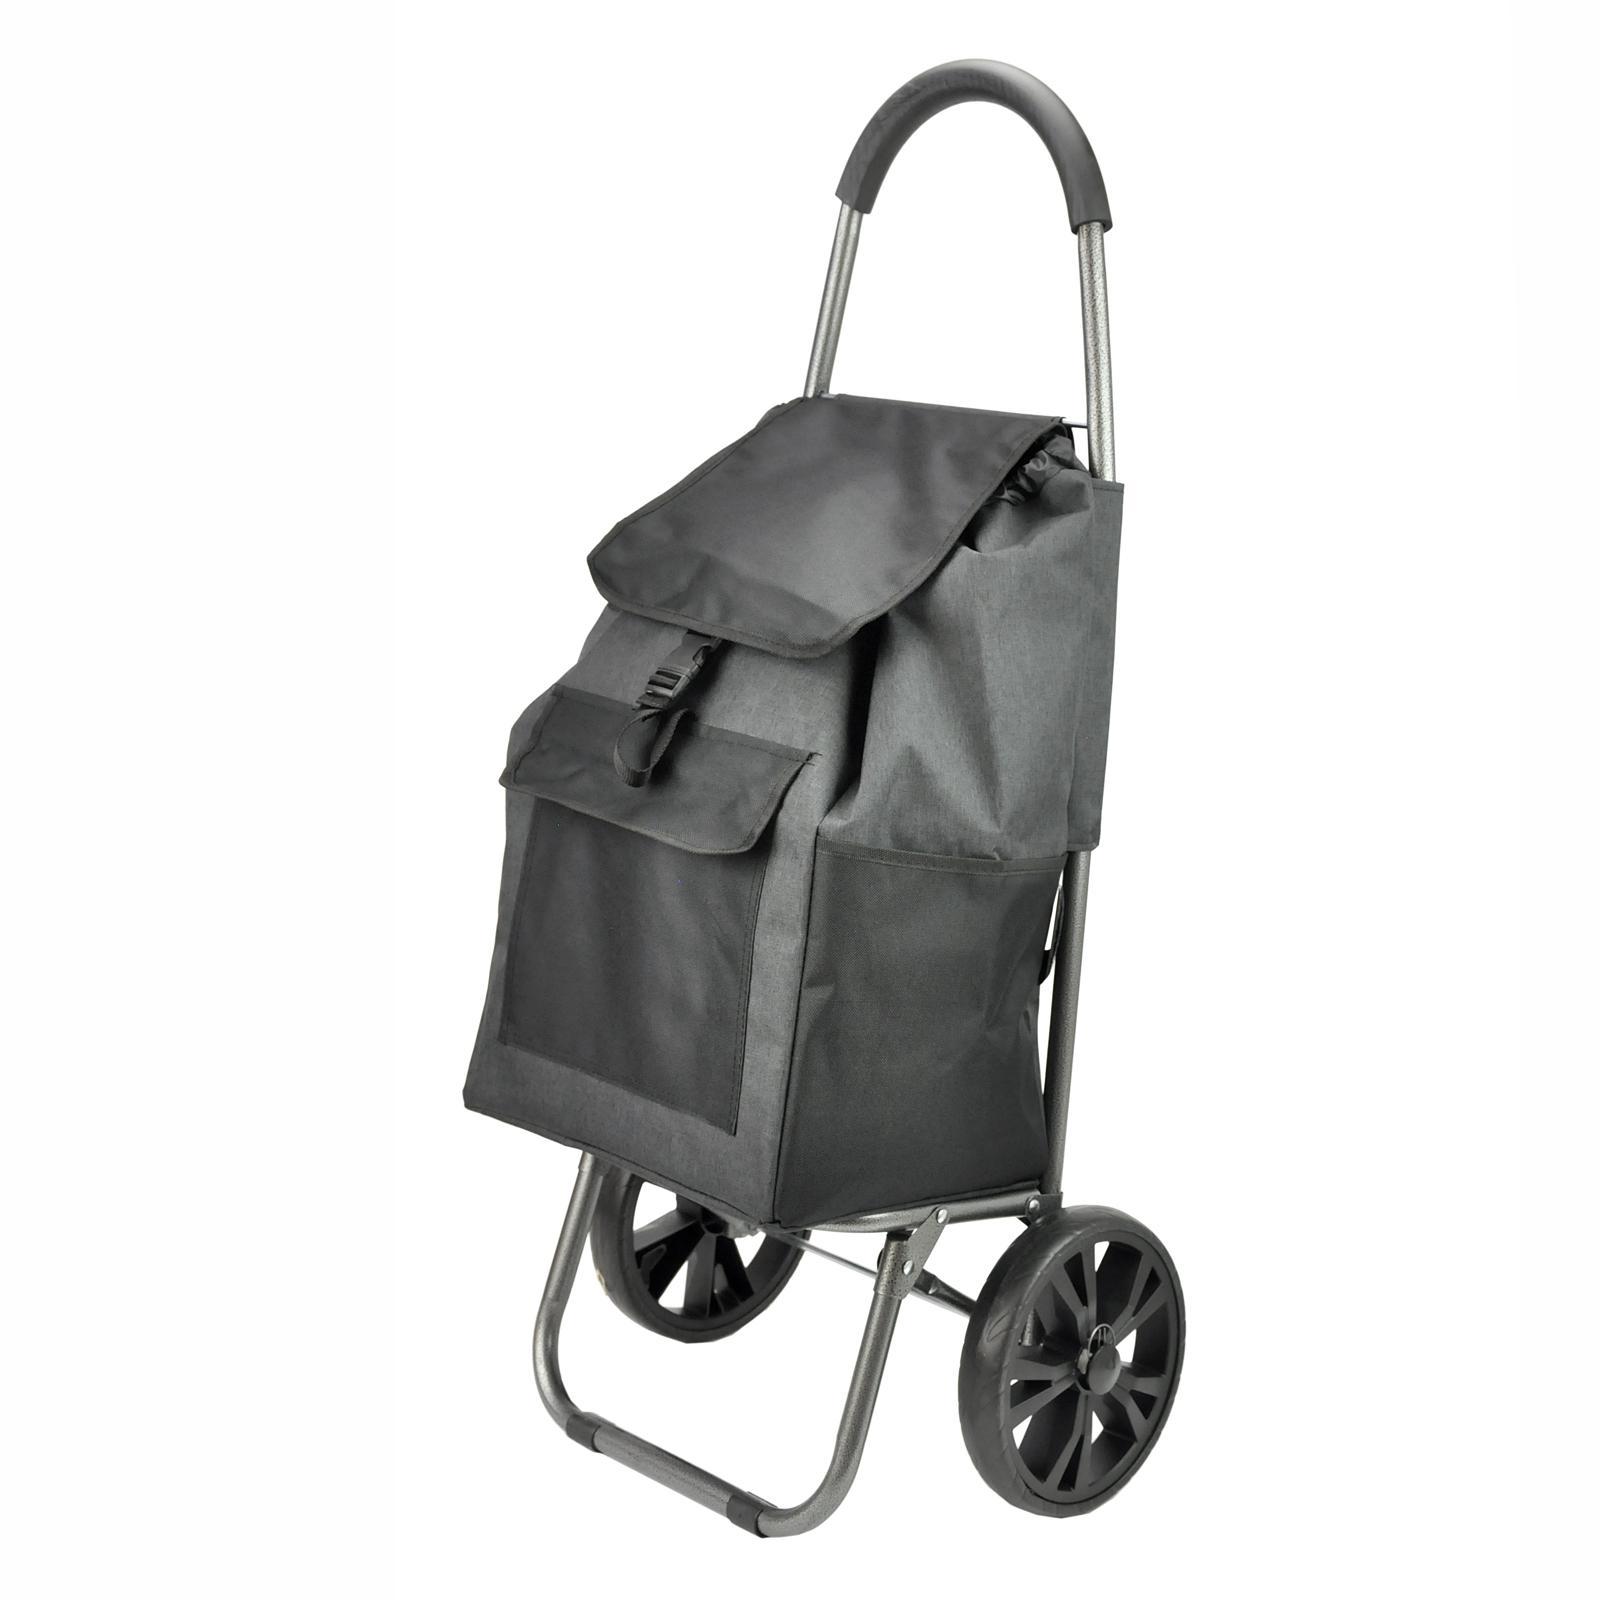 Cestovná taška na kolieskach Andrea 4918 / 2019ANA